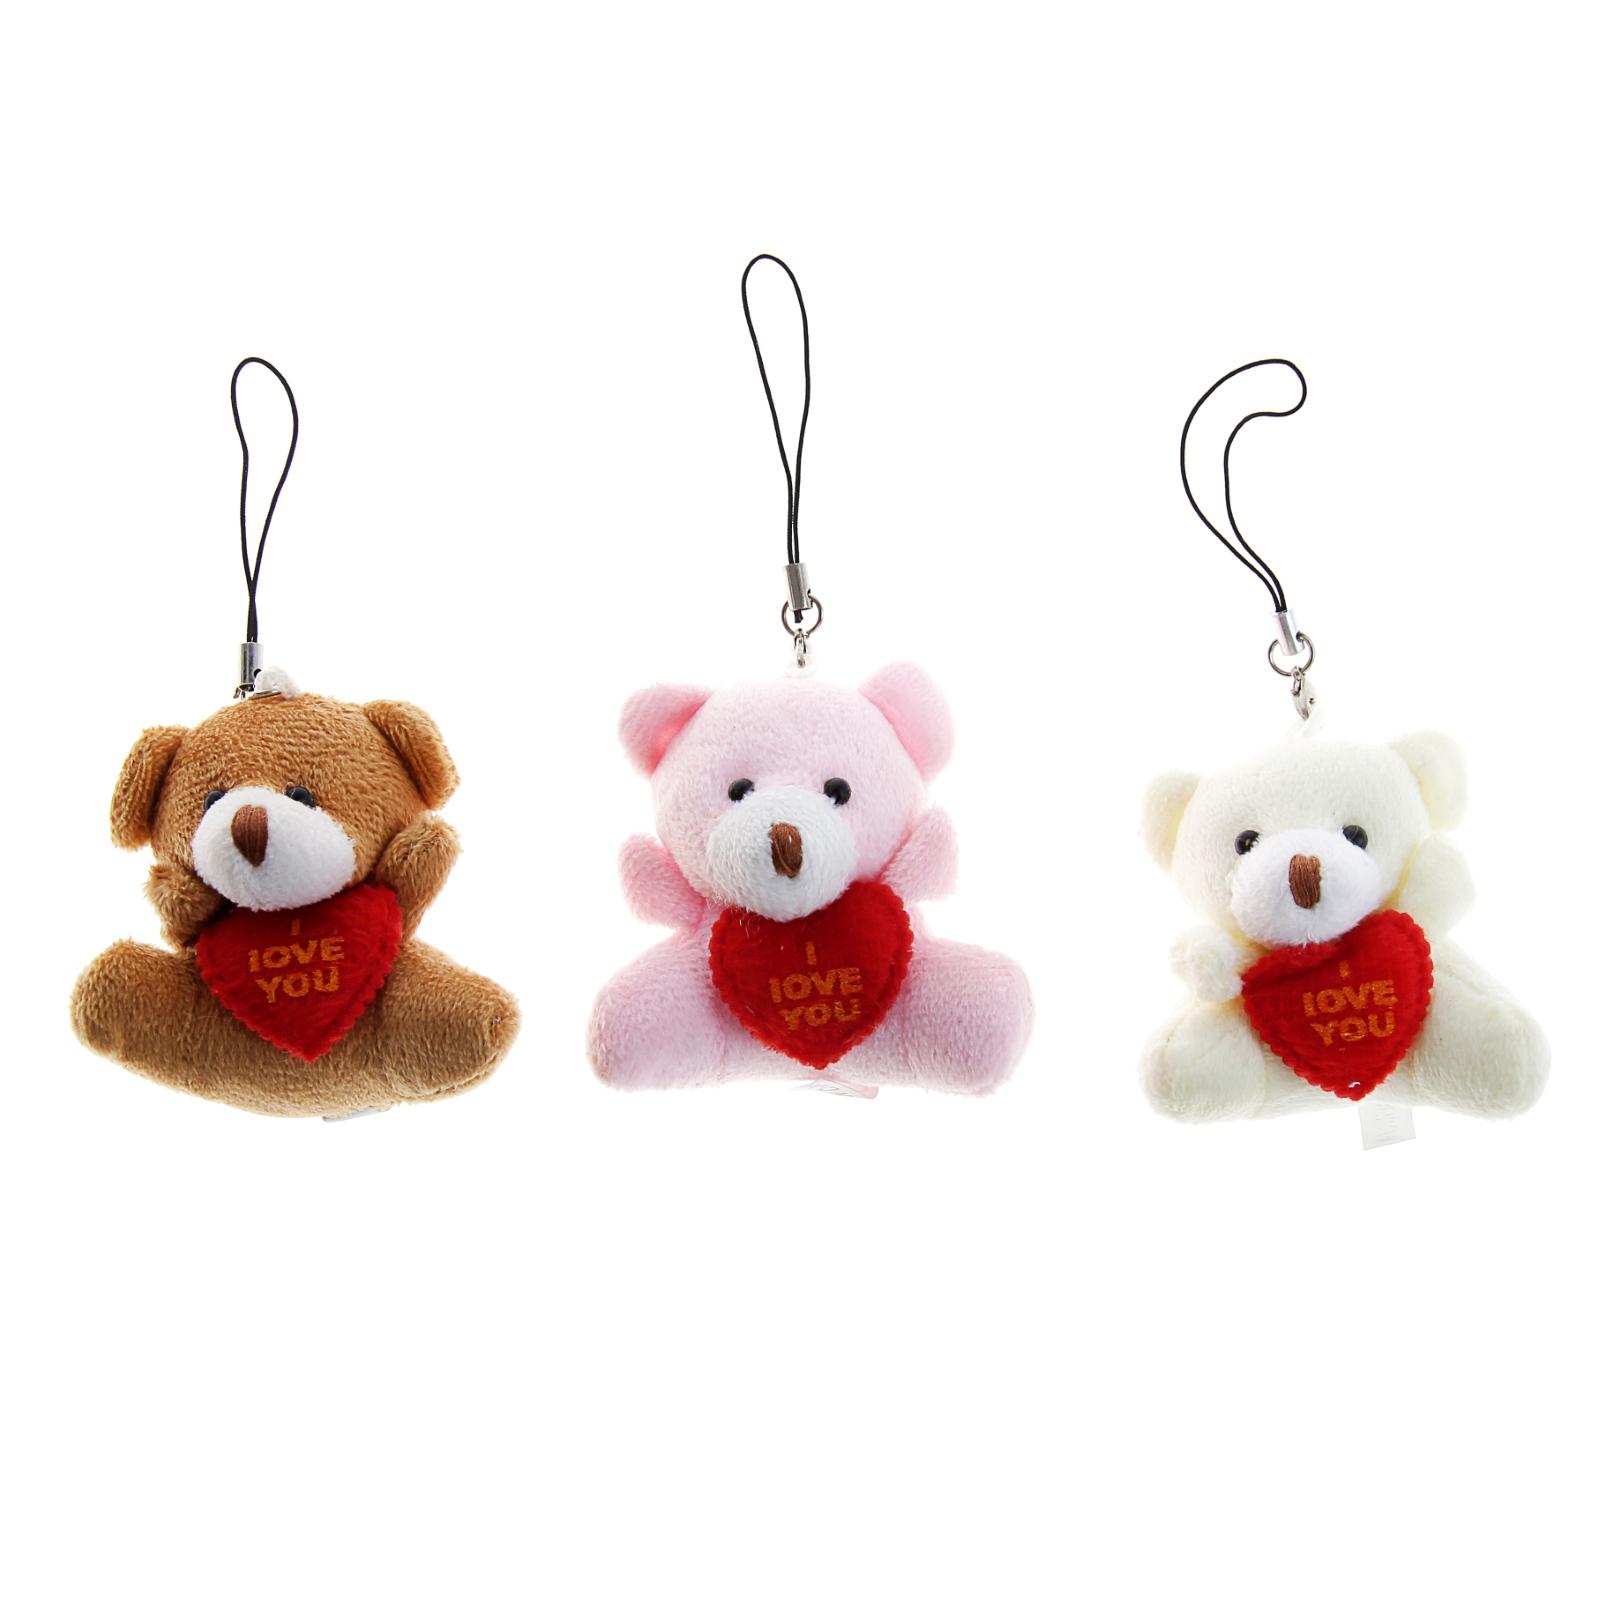 которые оставили игрушки милашки с сердечками может быть однотонный